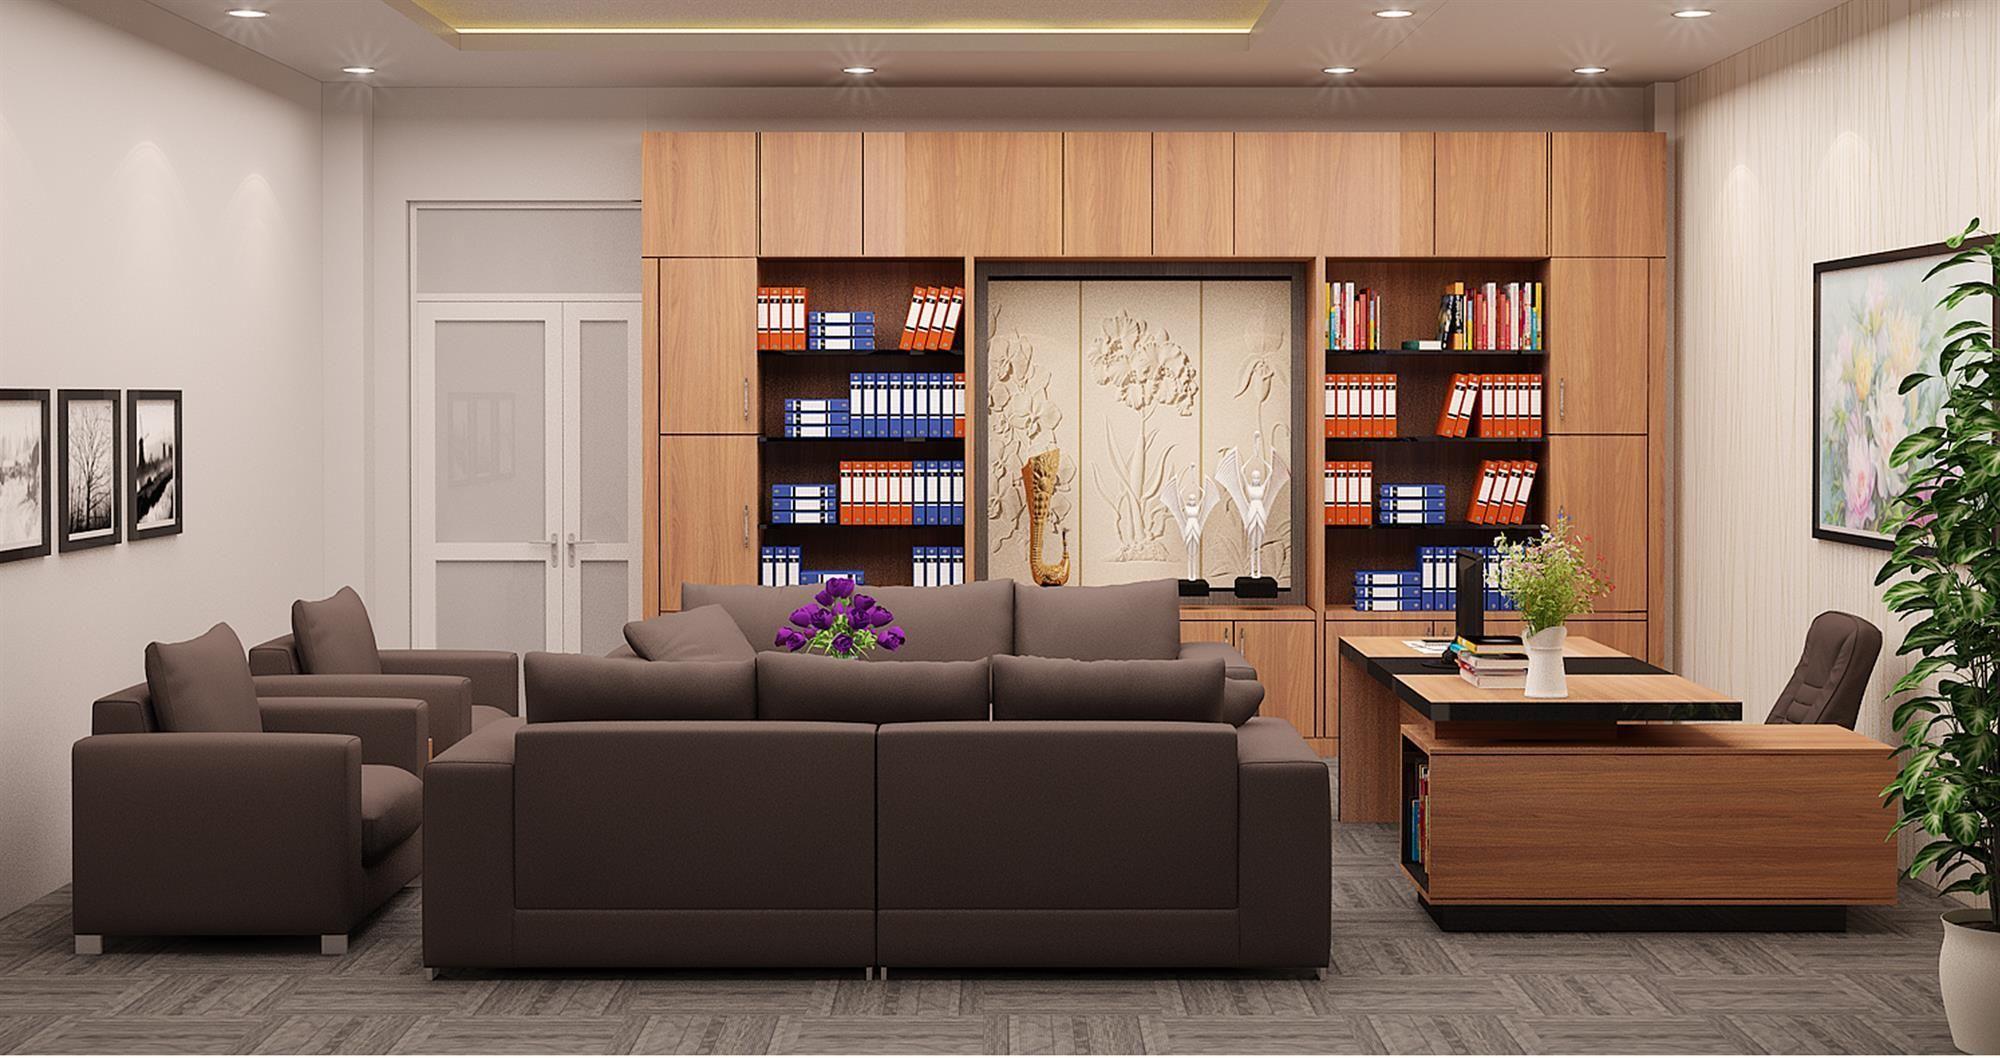 Image result for Thiết kế nội thất giám đốc hiện đại, tiện ích